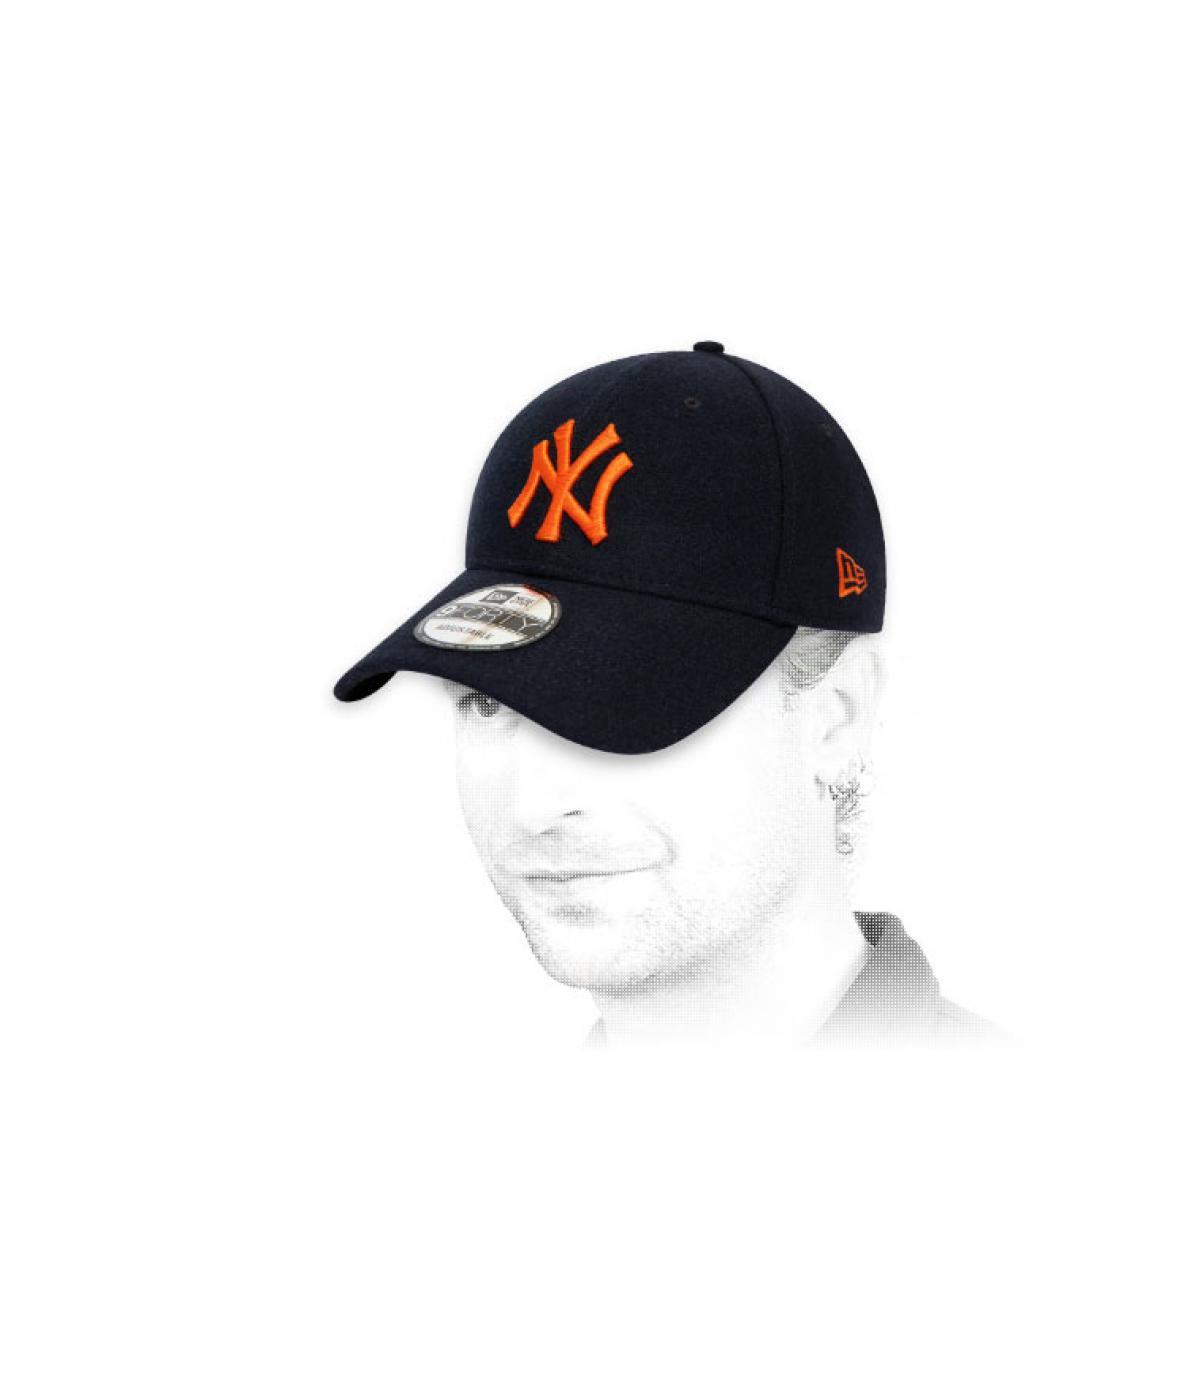 gorra NY azul naranja lana